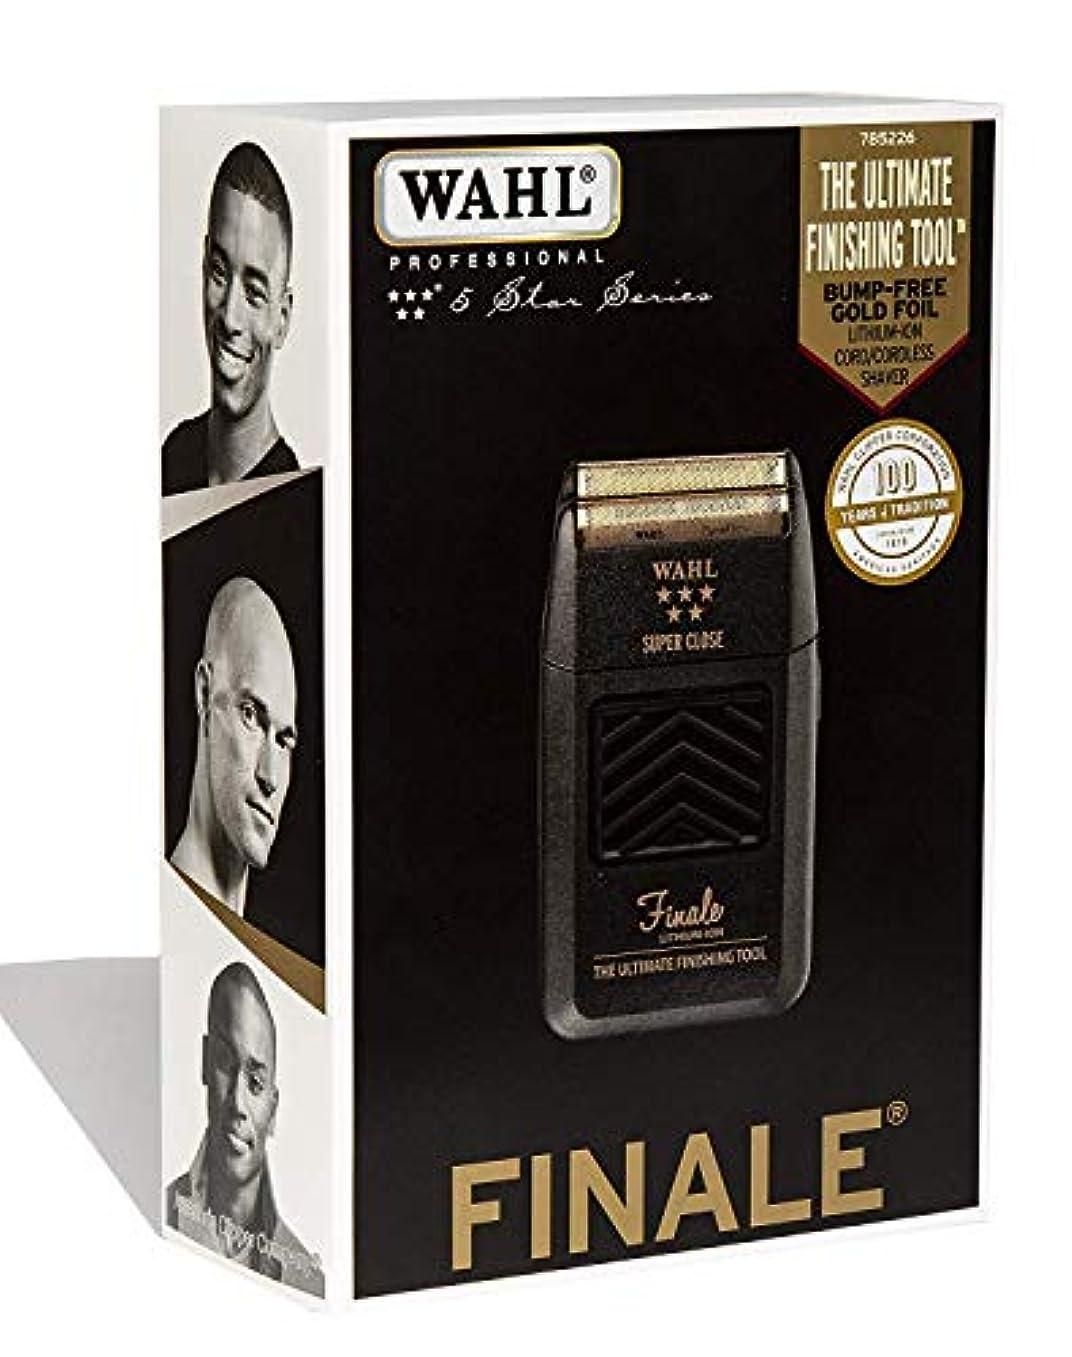 護衛今クリープWahl Professional 5 Star Series Finale Finishing Tool #8164 - Great for Professional Stylists and Barbers - Super...